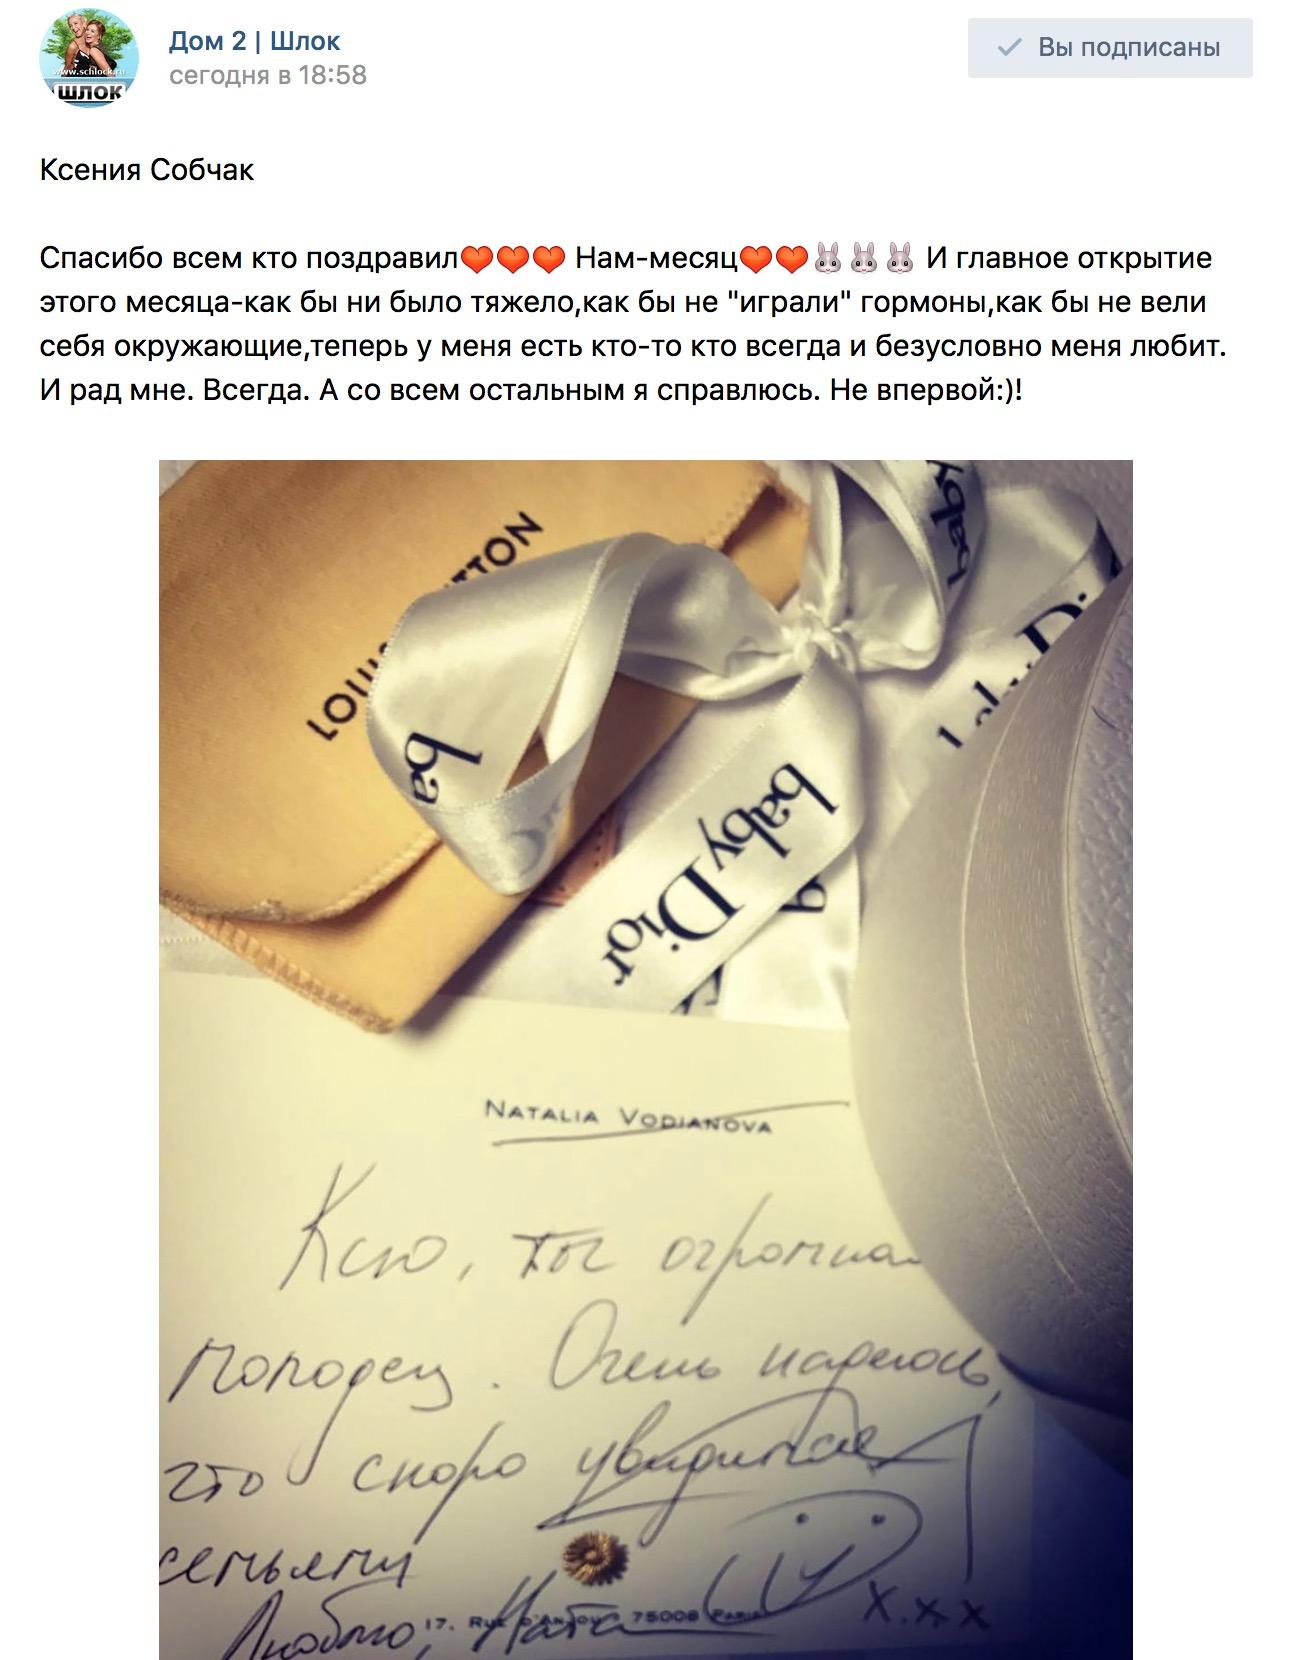 Ксения Собчак. Спасибо всем кто поздравил❤❤❤